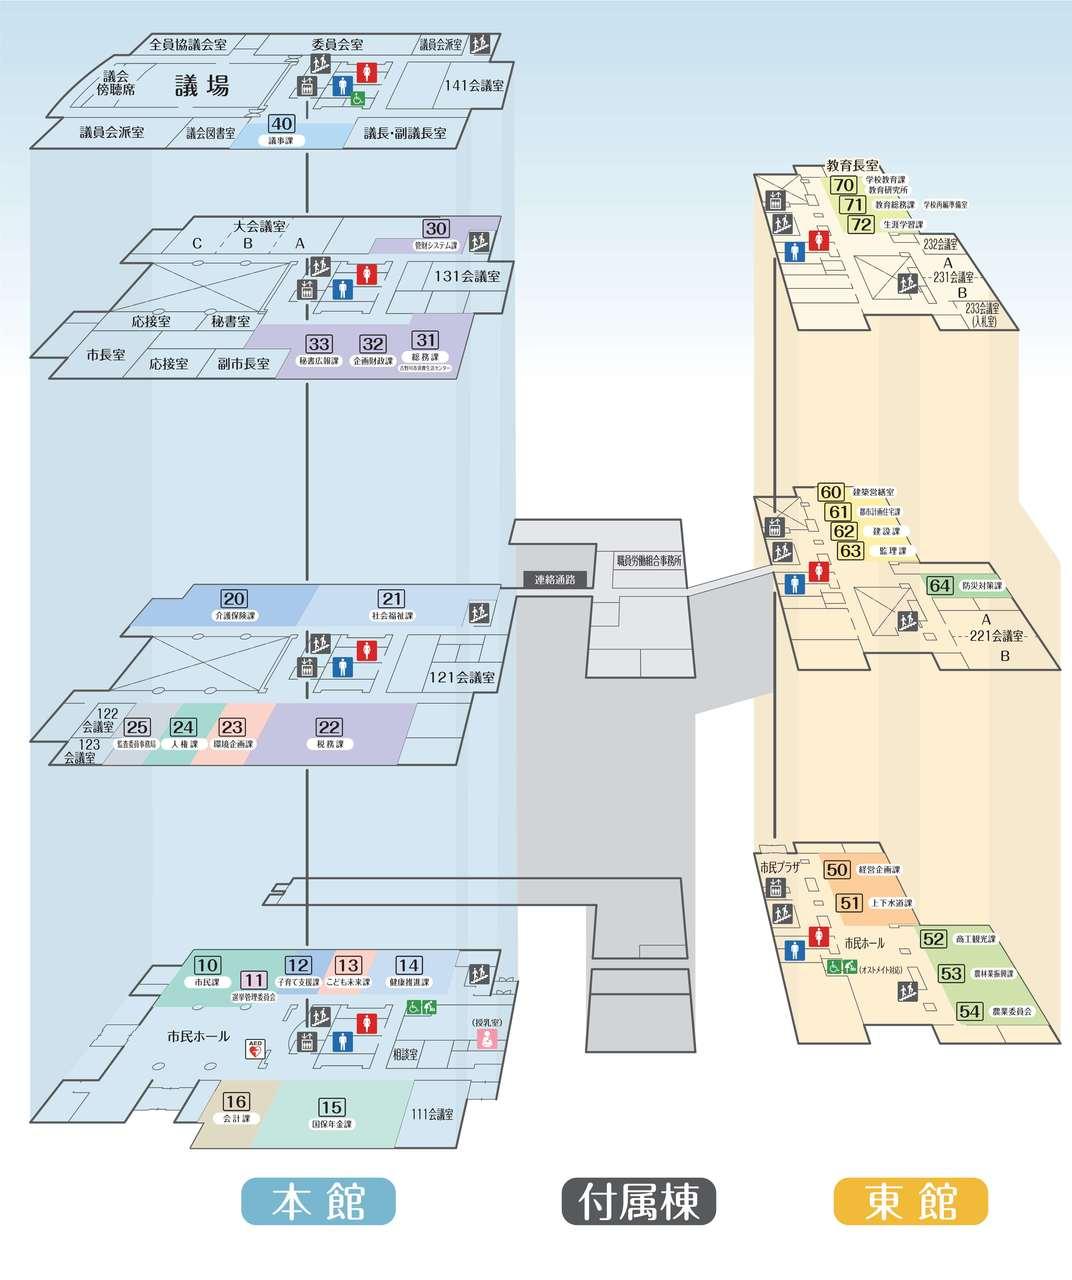 吉野川市役所 配置図 | 吉野川市